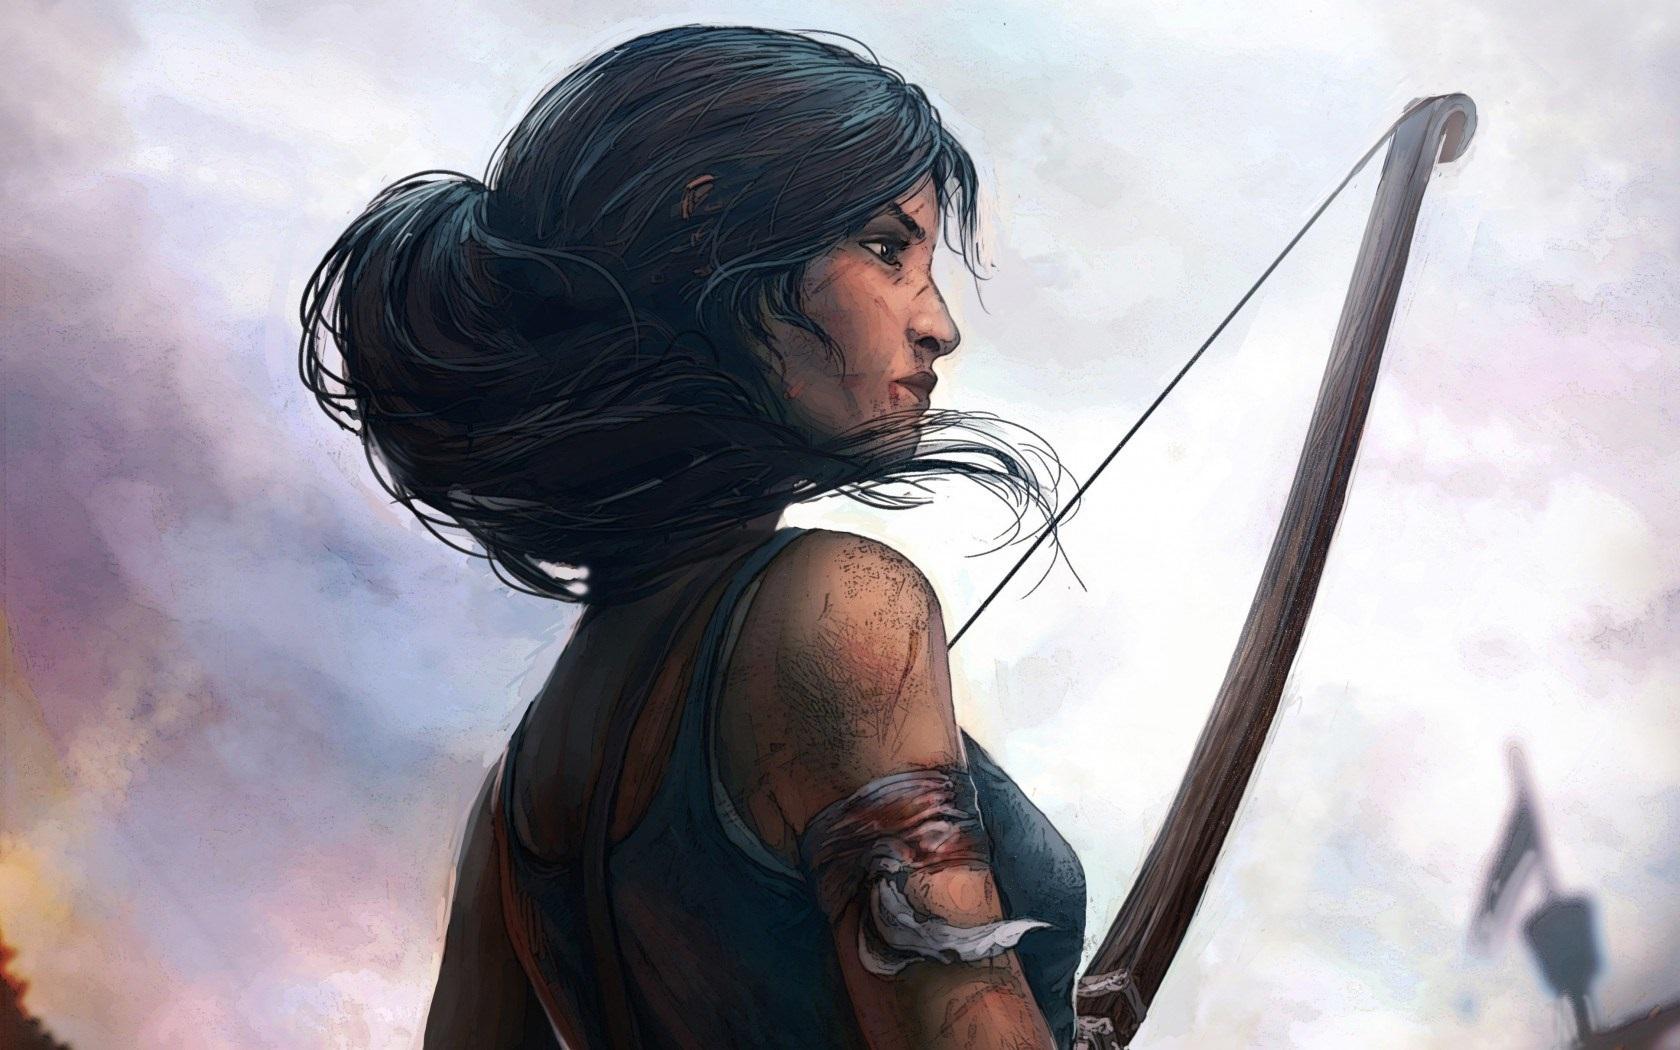 fe54fd6565 Wallpaper Lara Croft, Tomb Raider, bow, art drawing 1680x1050 HD ...